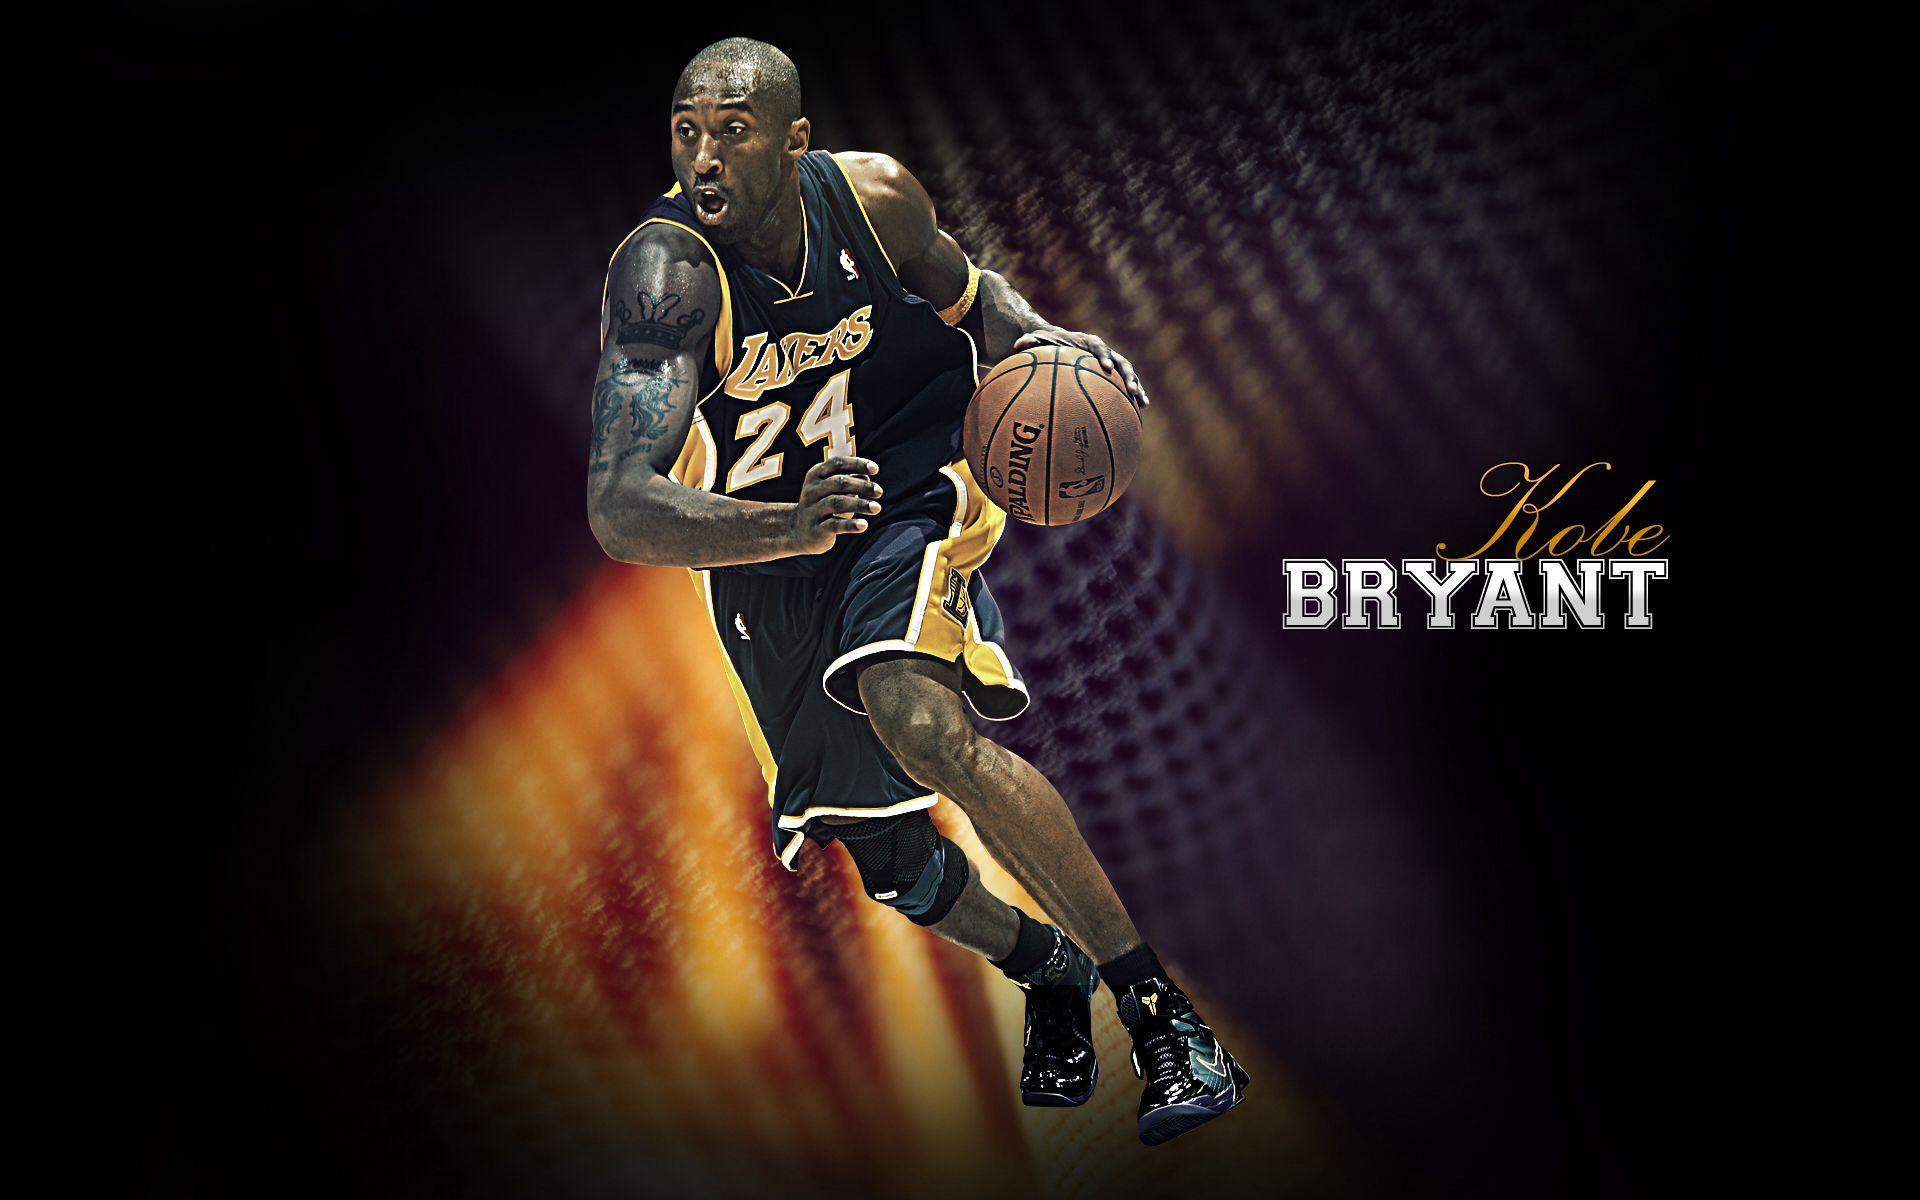 Kobe Bryant Aka The Black Mamba Kobe Bryant Wallpaper Kobe Bryant Lakers Kobe Bryant